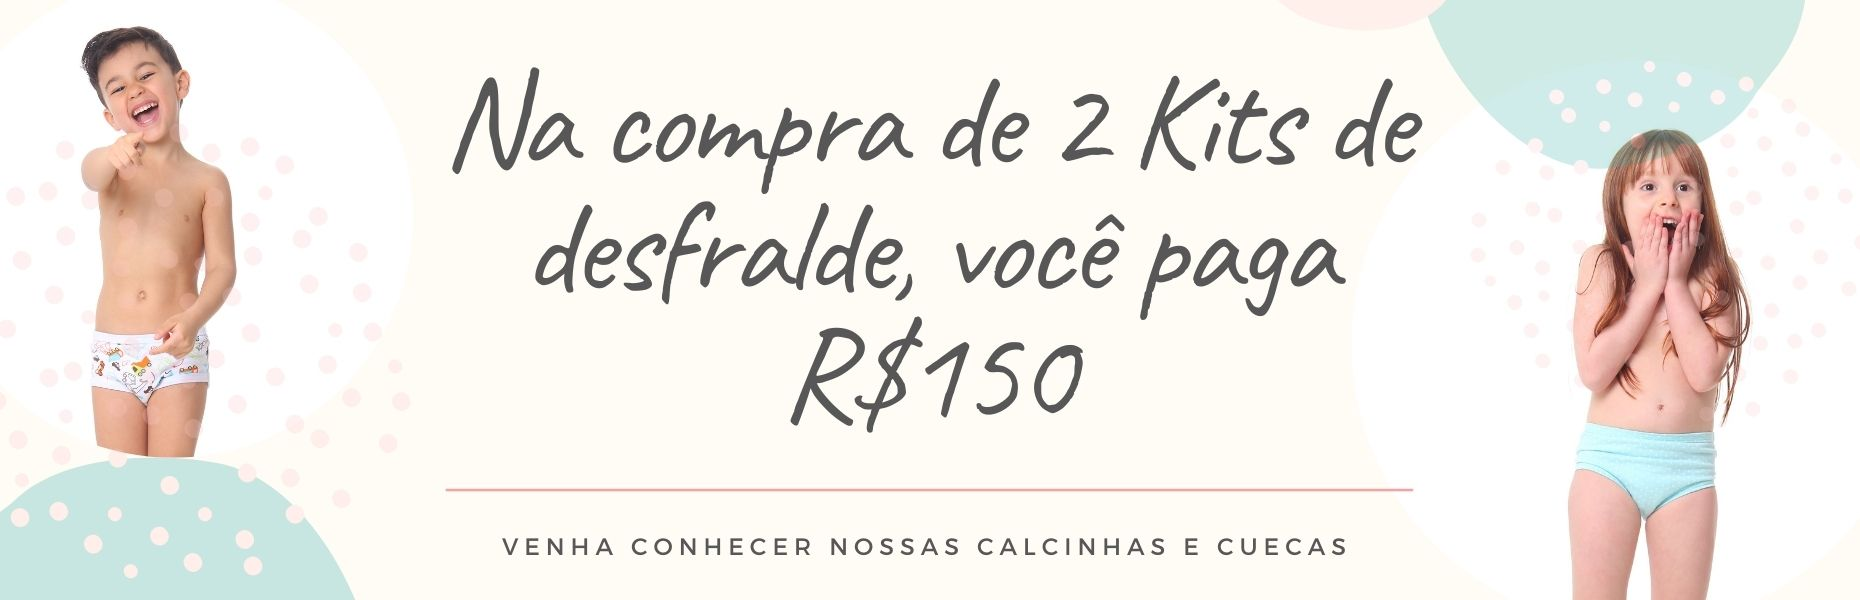 02 kits por R$145,00: Economia de R$33,00